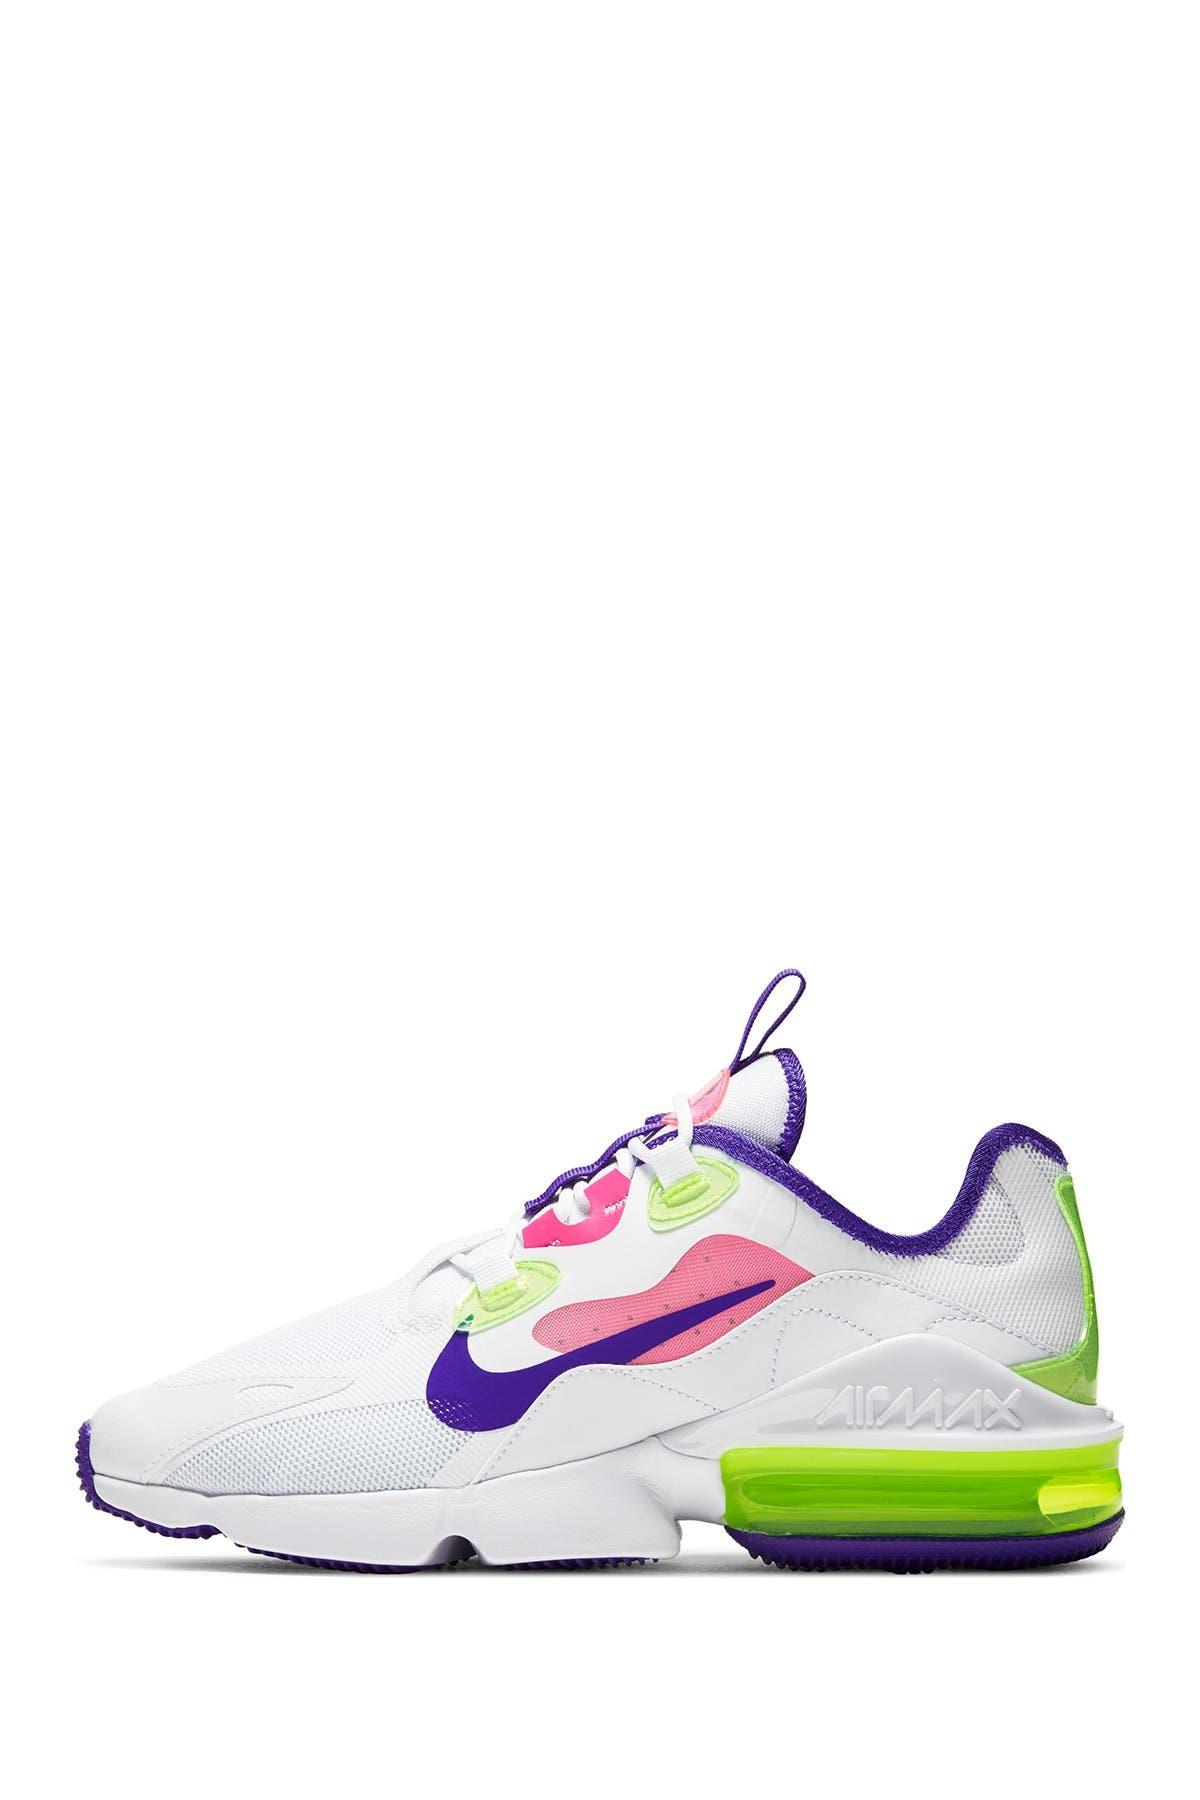 Image of Nike Air Max Infinity 2 Sneaker